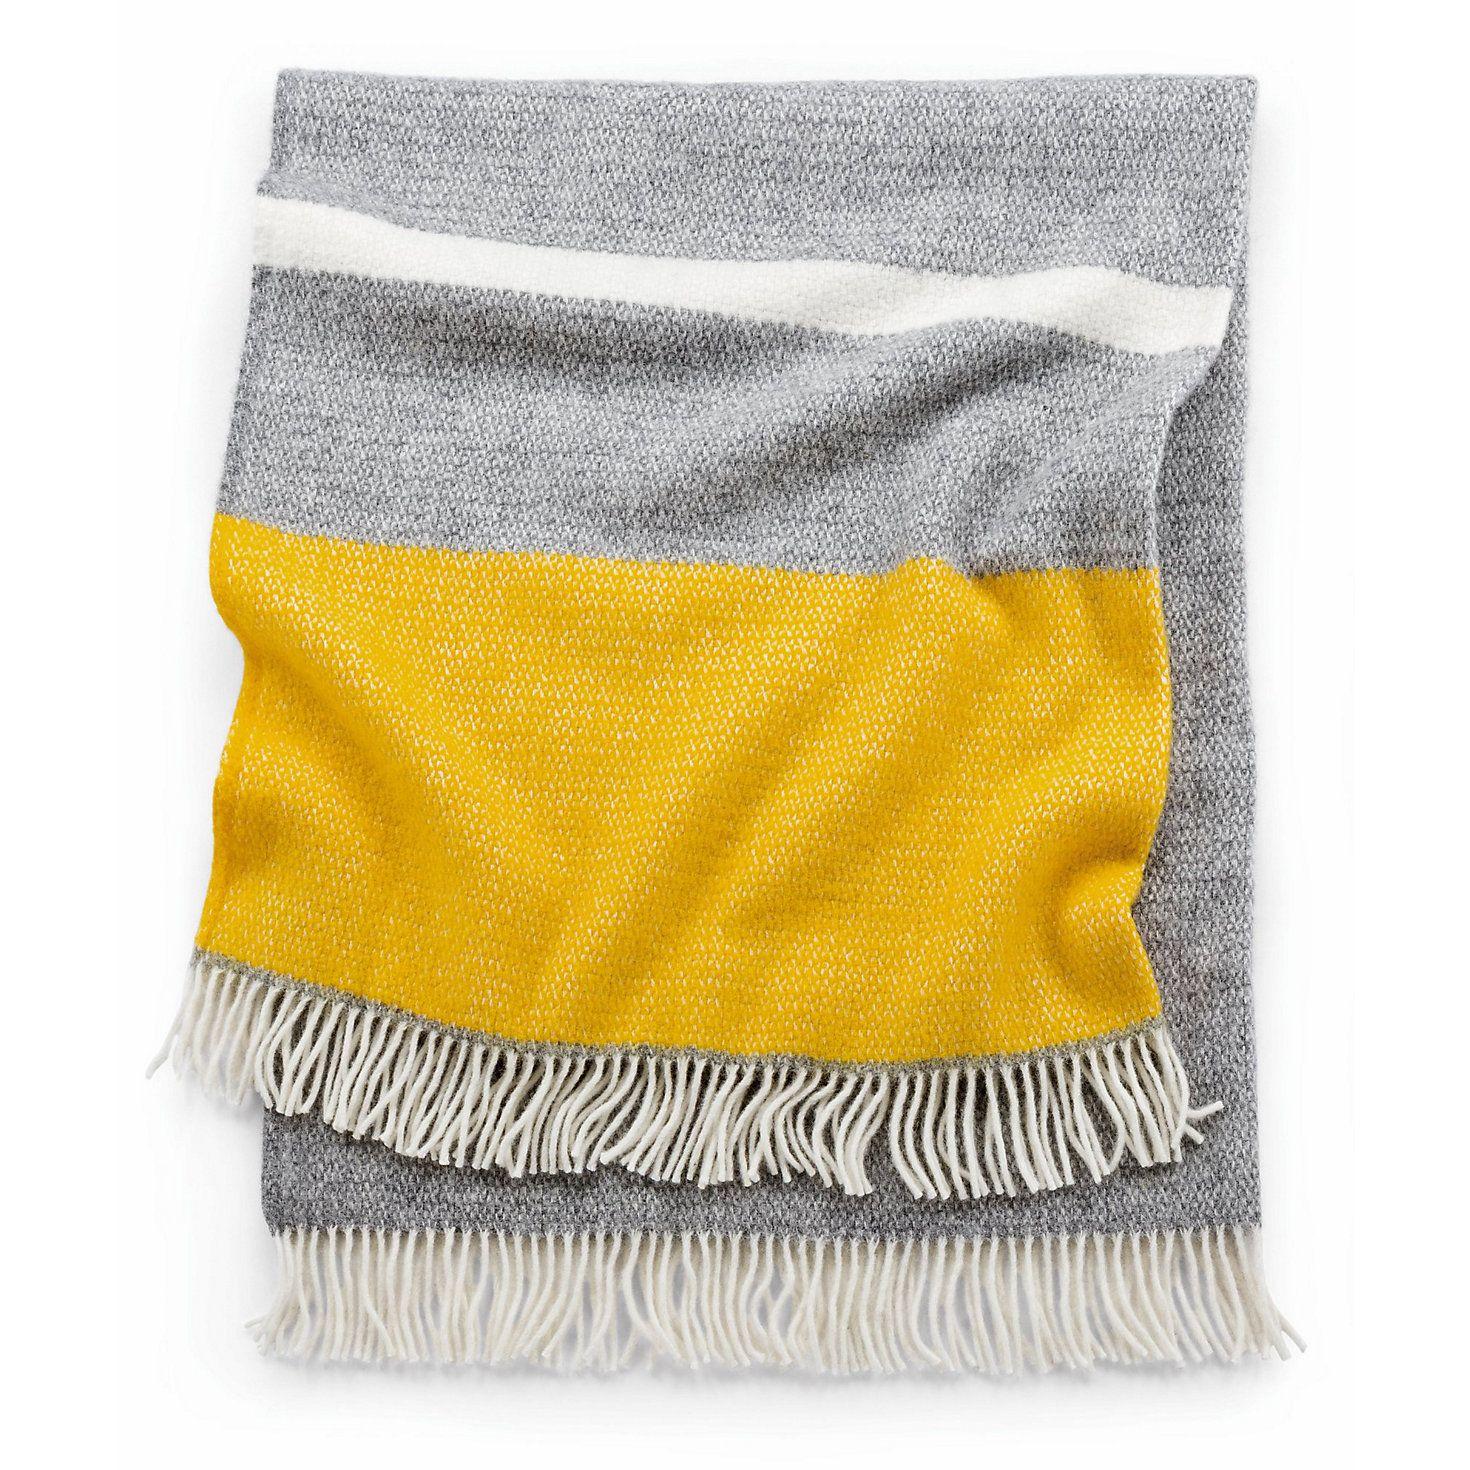 Decke Illusion Gelb Grau Farbstreifen Deckchen Und Webmuster